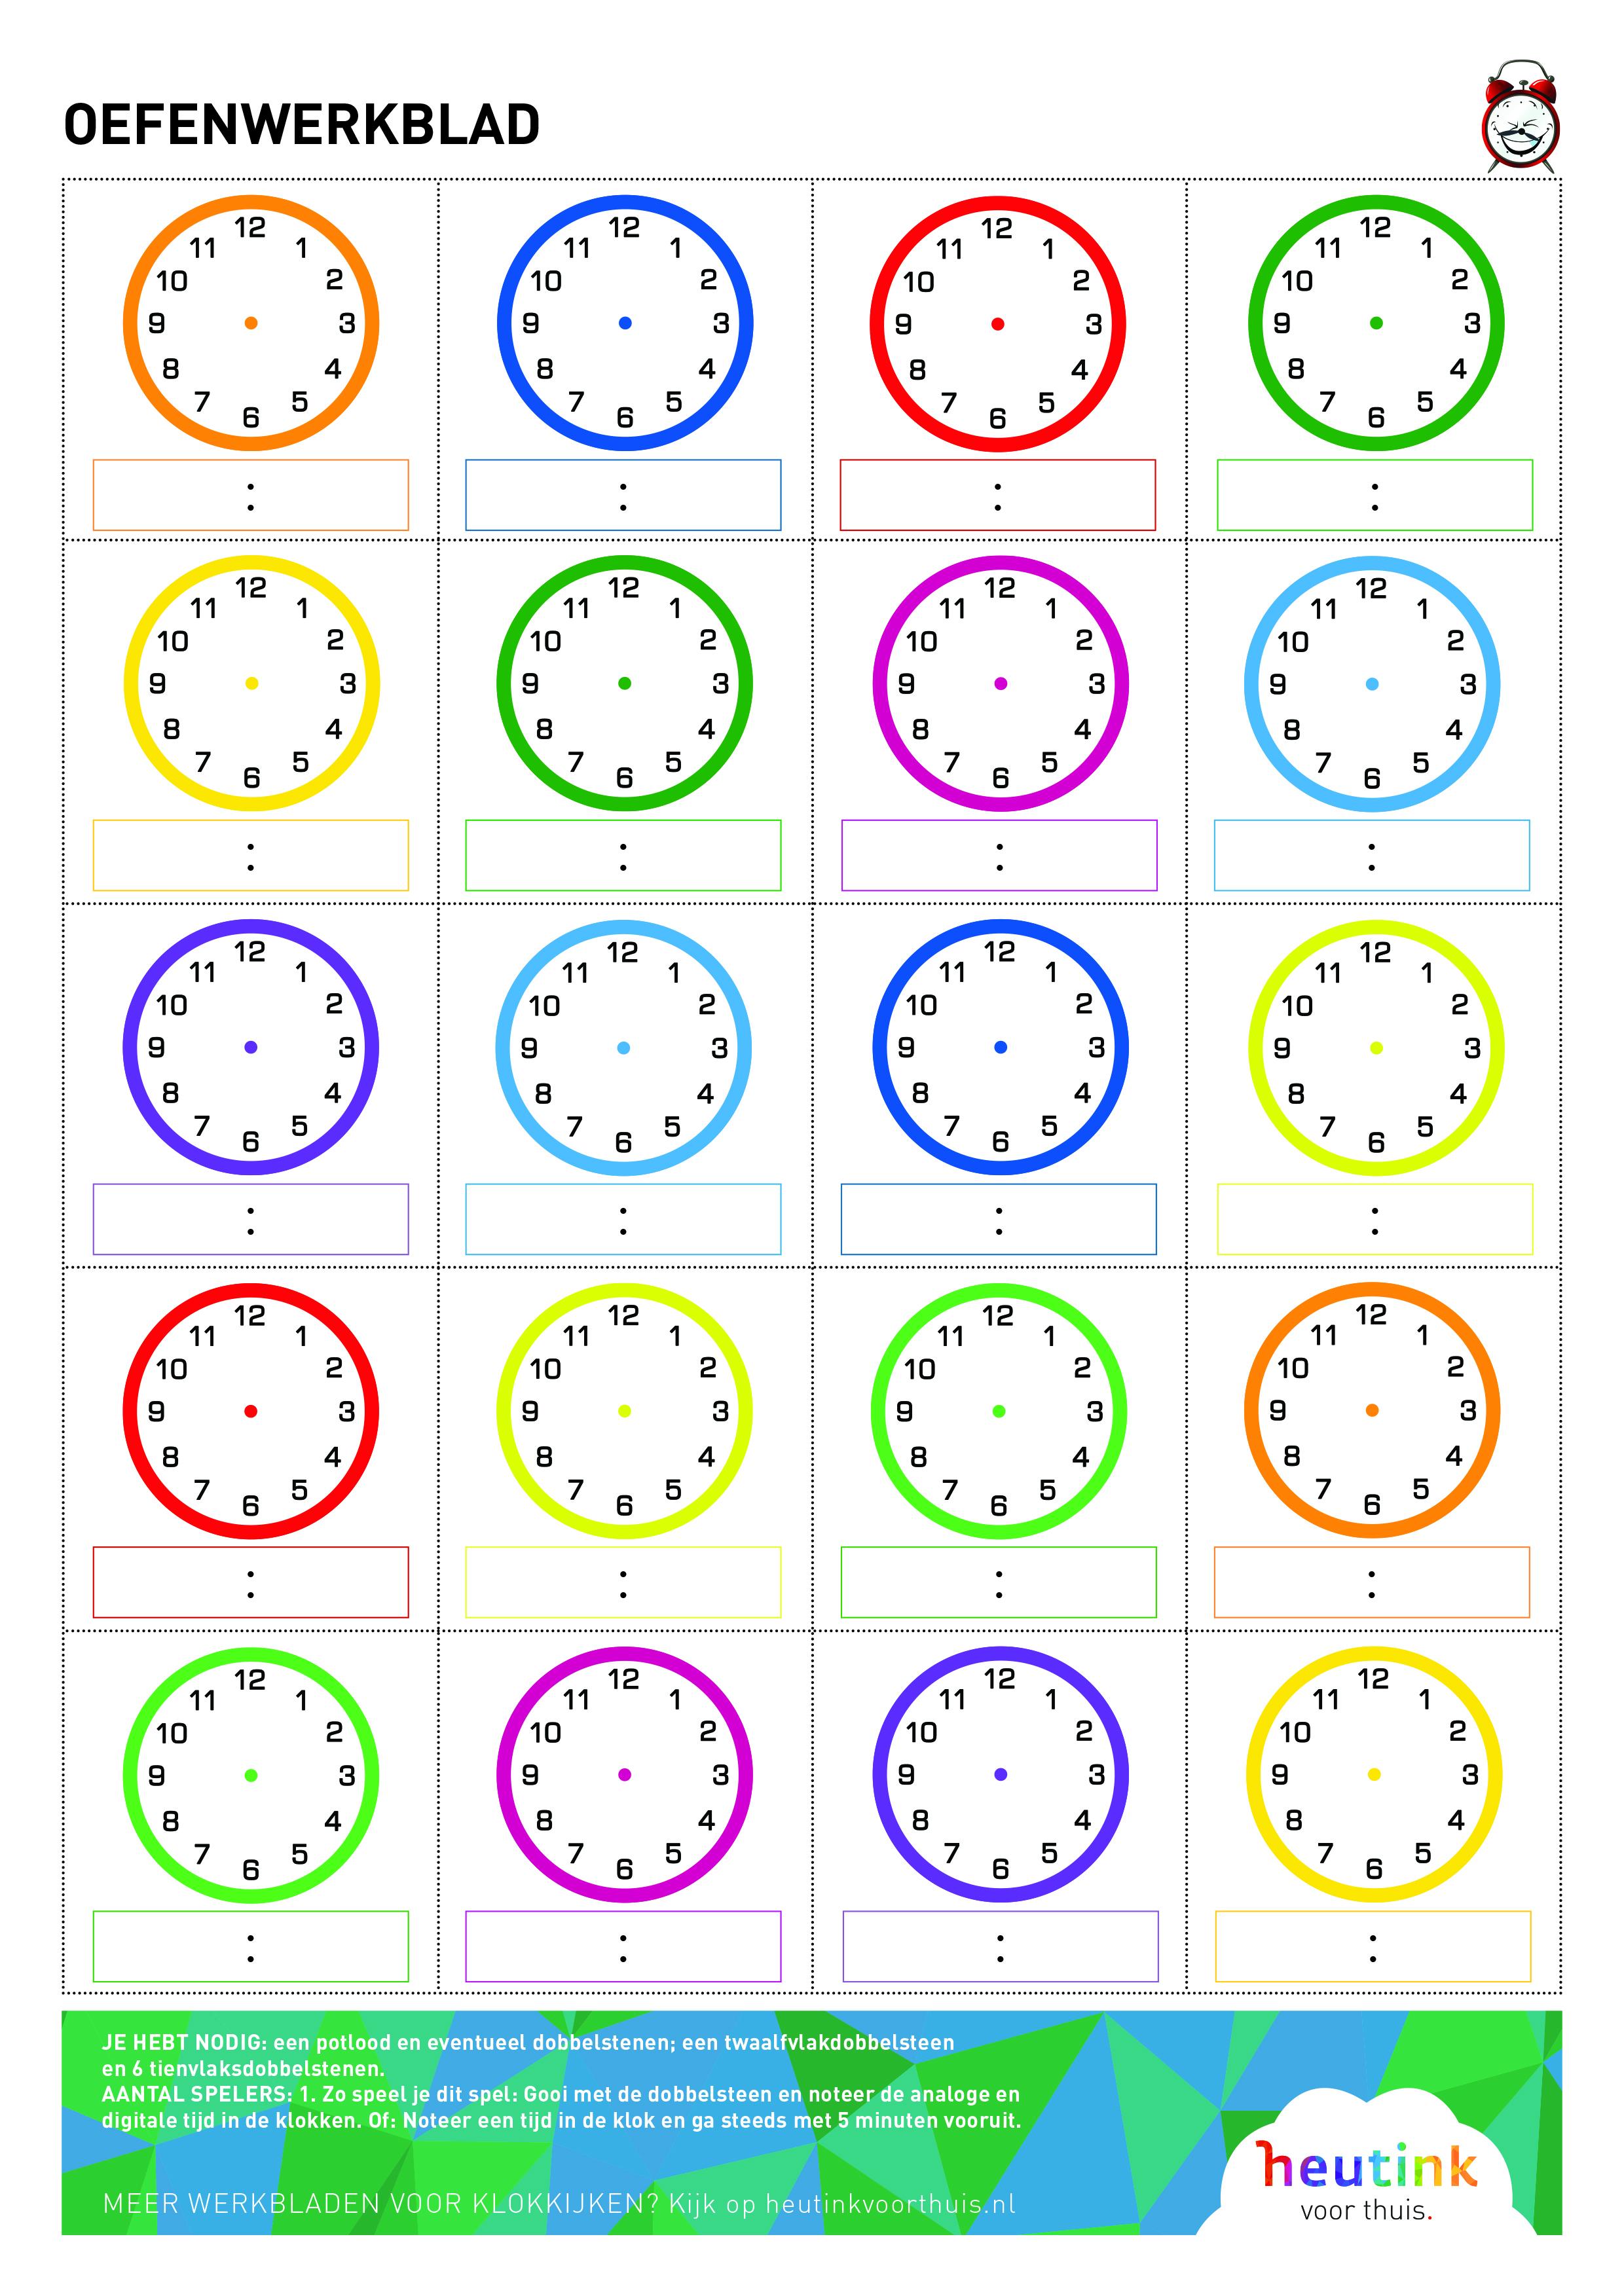 Fabulous Gratis spellentips voor leren klokkijken #LJ68